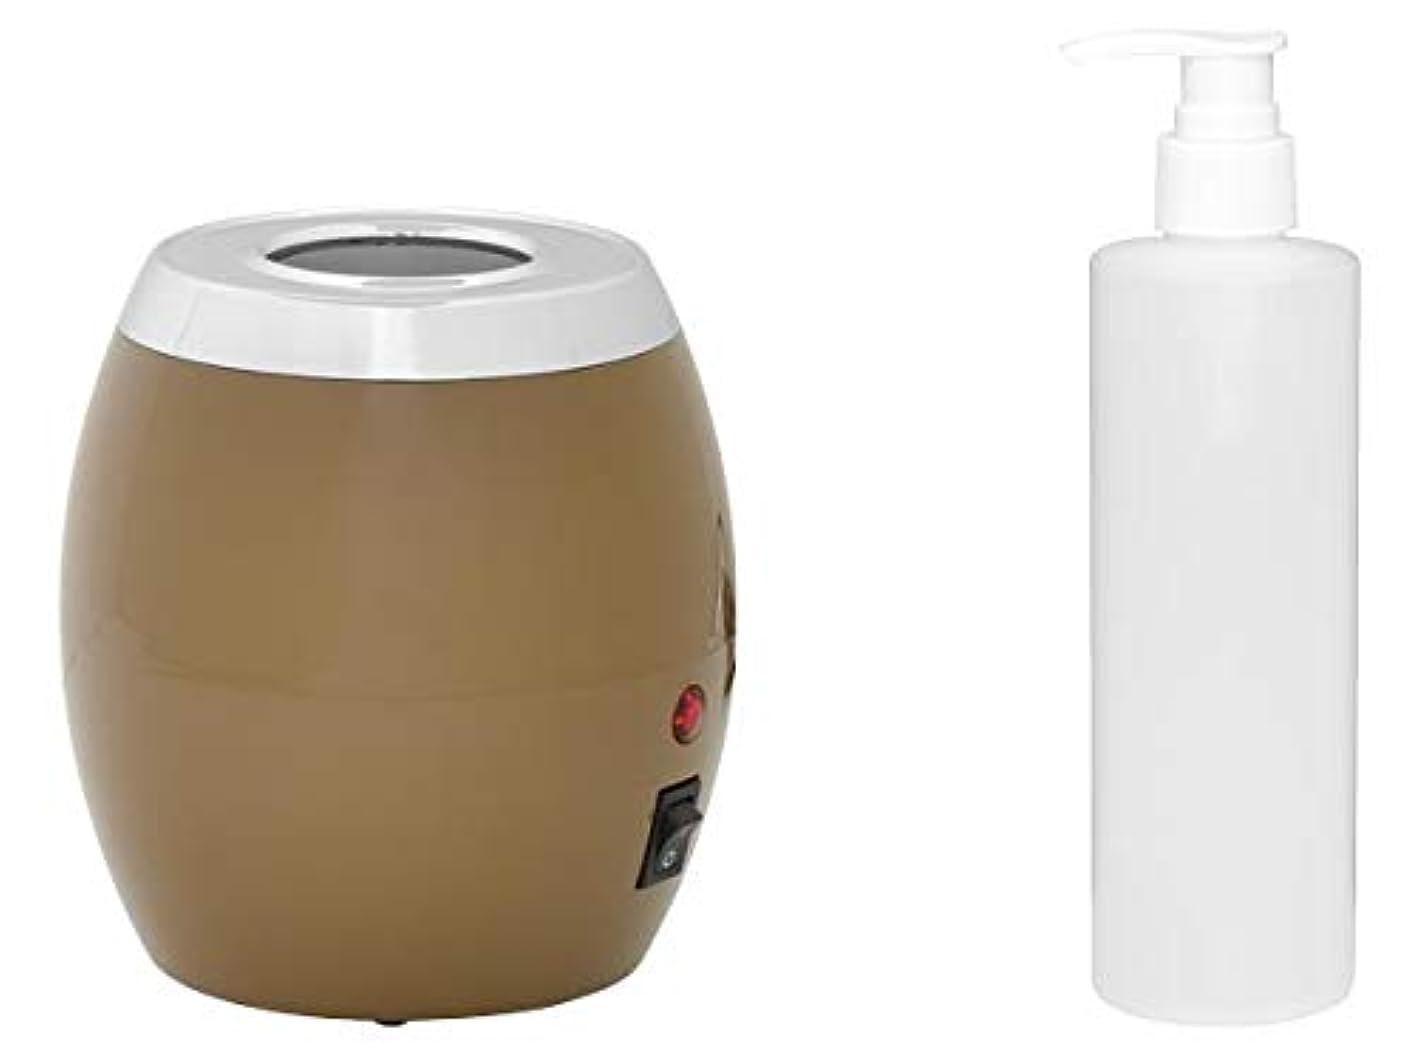 ほかに歩き回るガチョウオイルヒーター ボトル付 オイルウォーマー マッサージオイル ボディオイル ヒーター ウォーマー